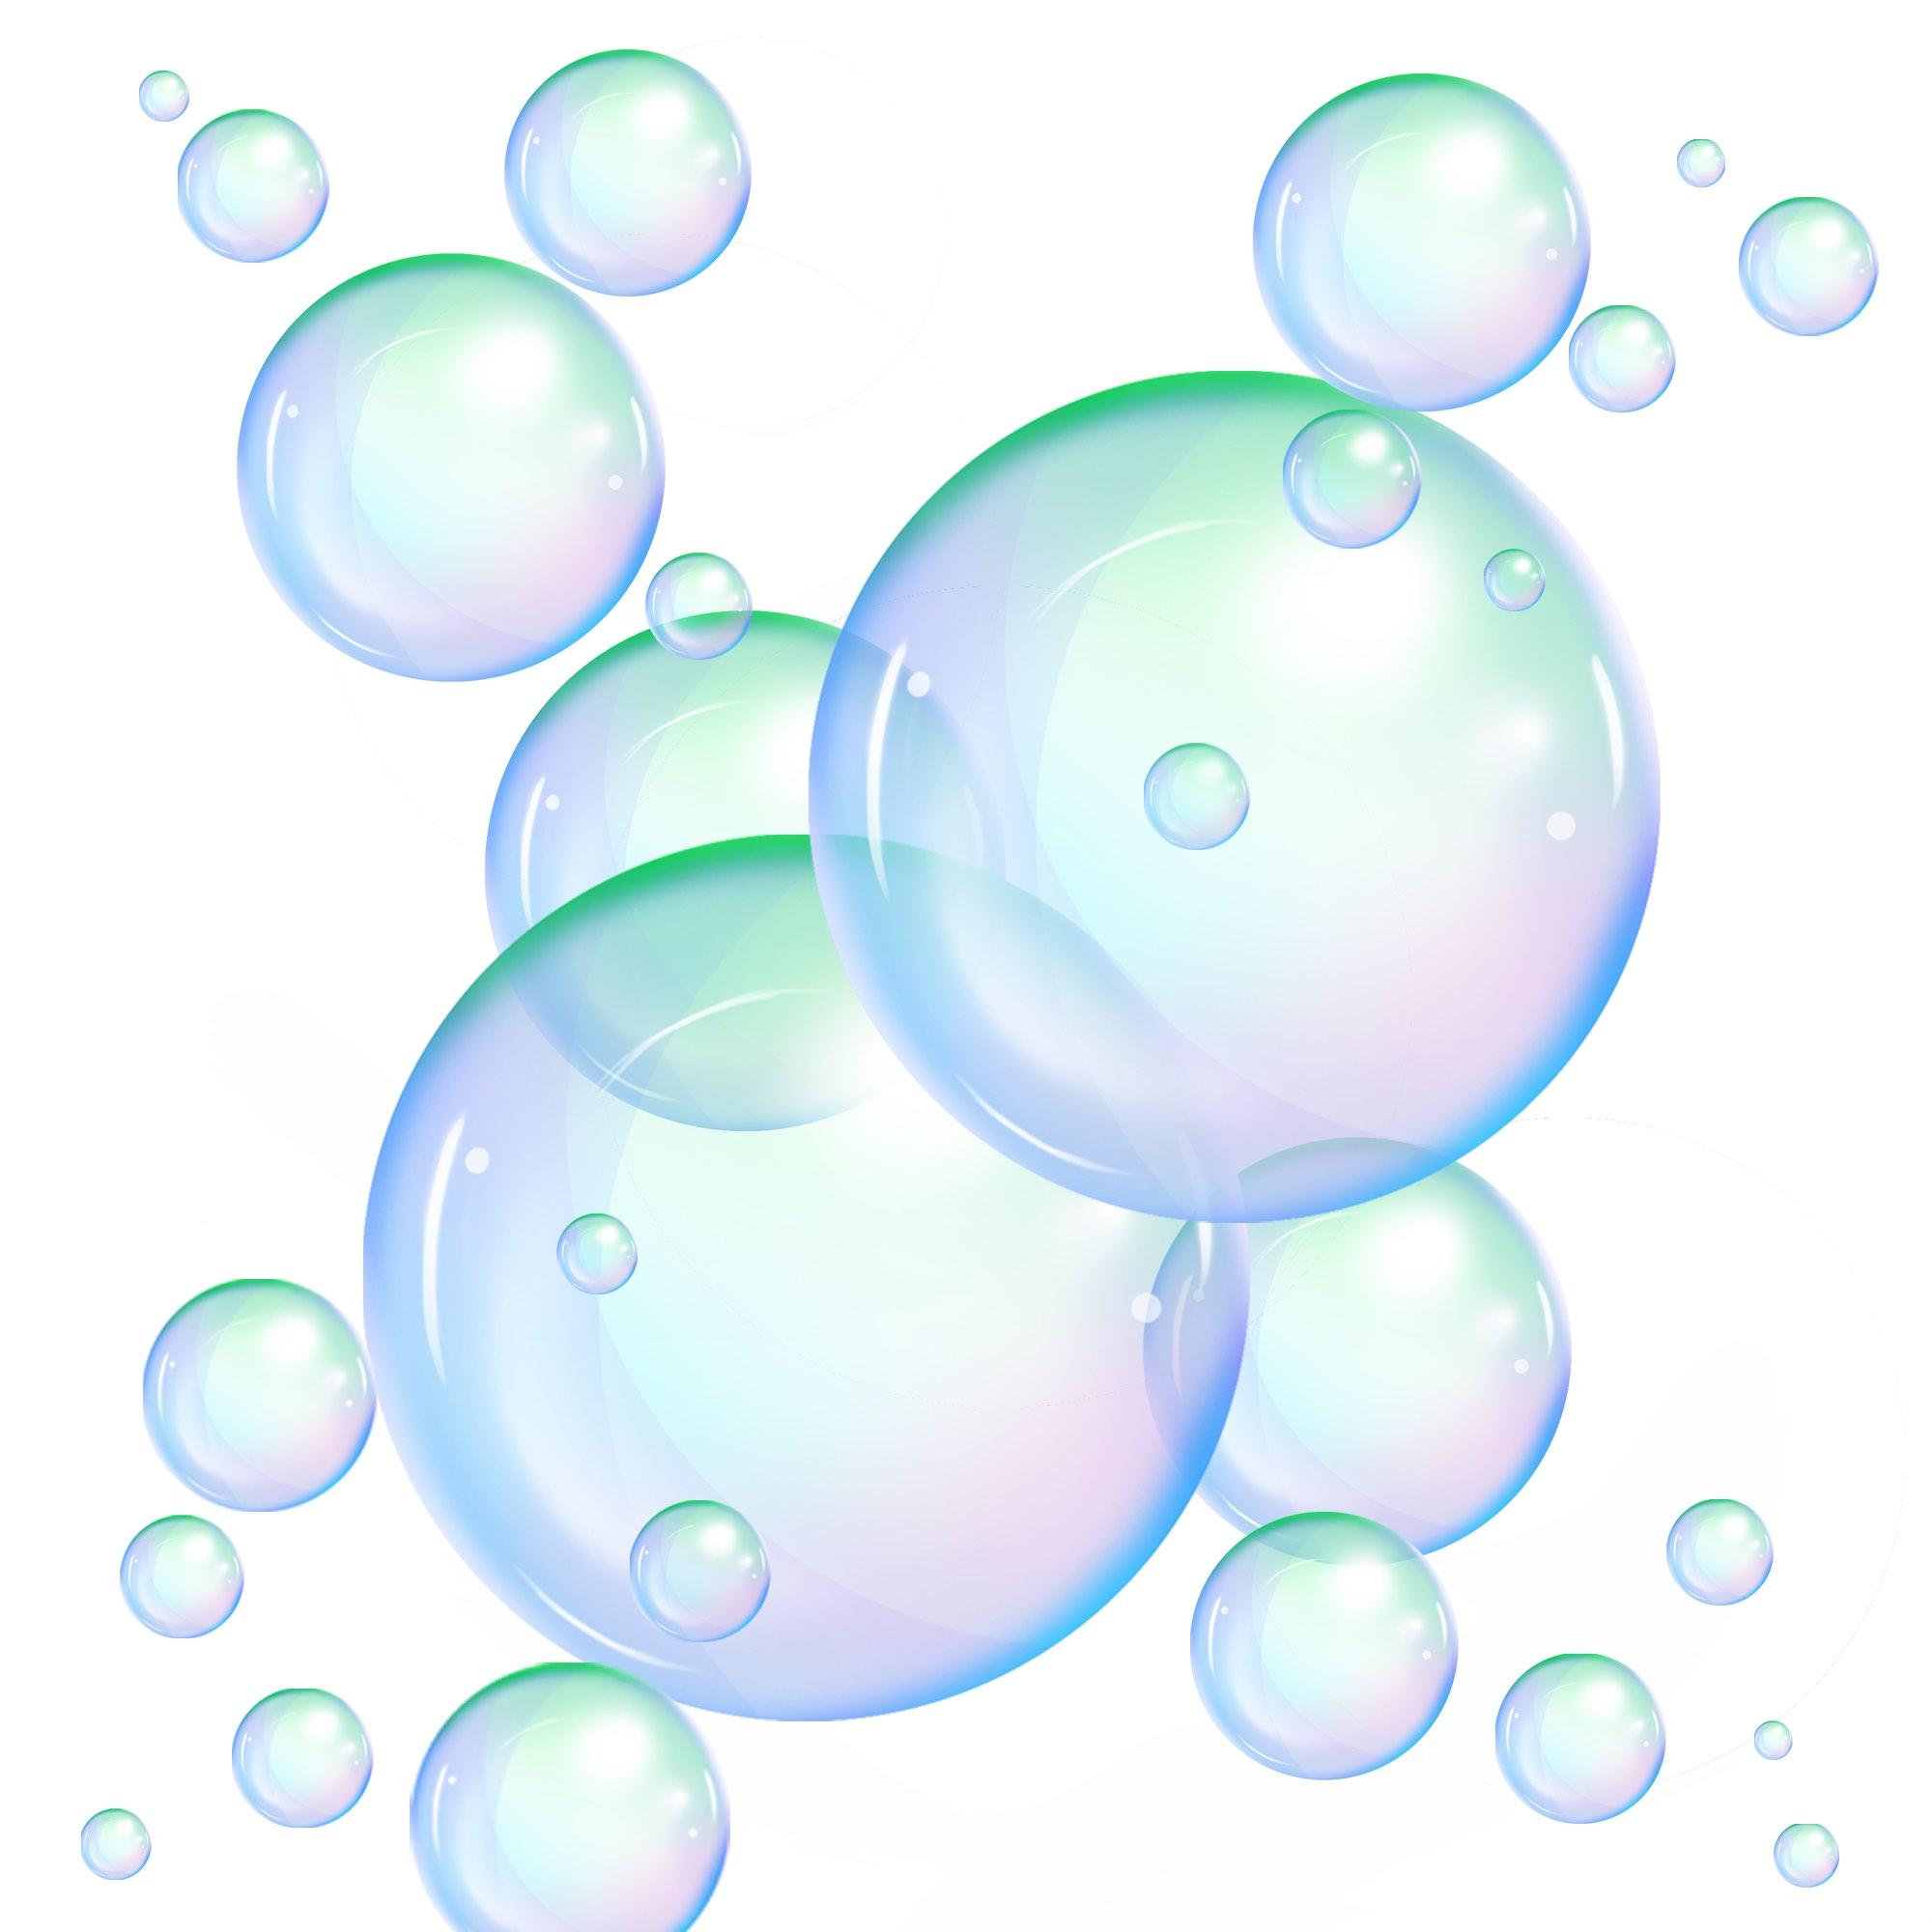 Мыльный пузырь вектор картинка